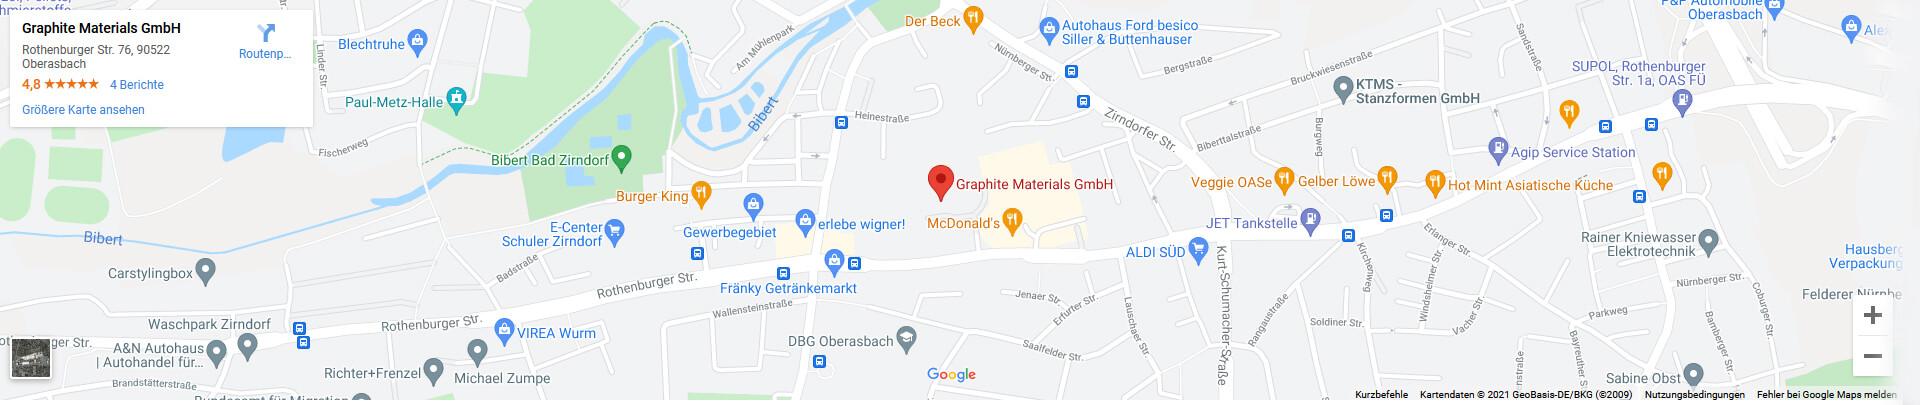 Anfahrt zu Graphite Materials mit Google Maps Routenplaner